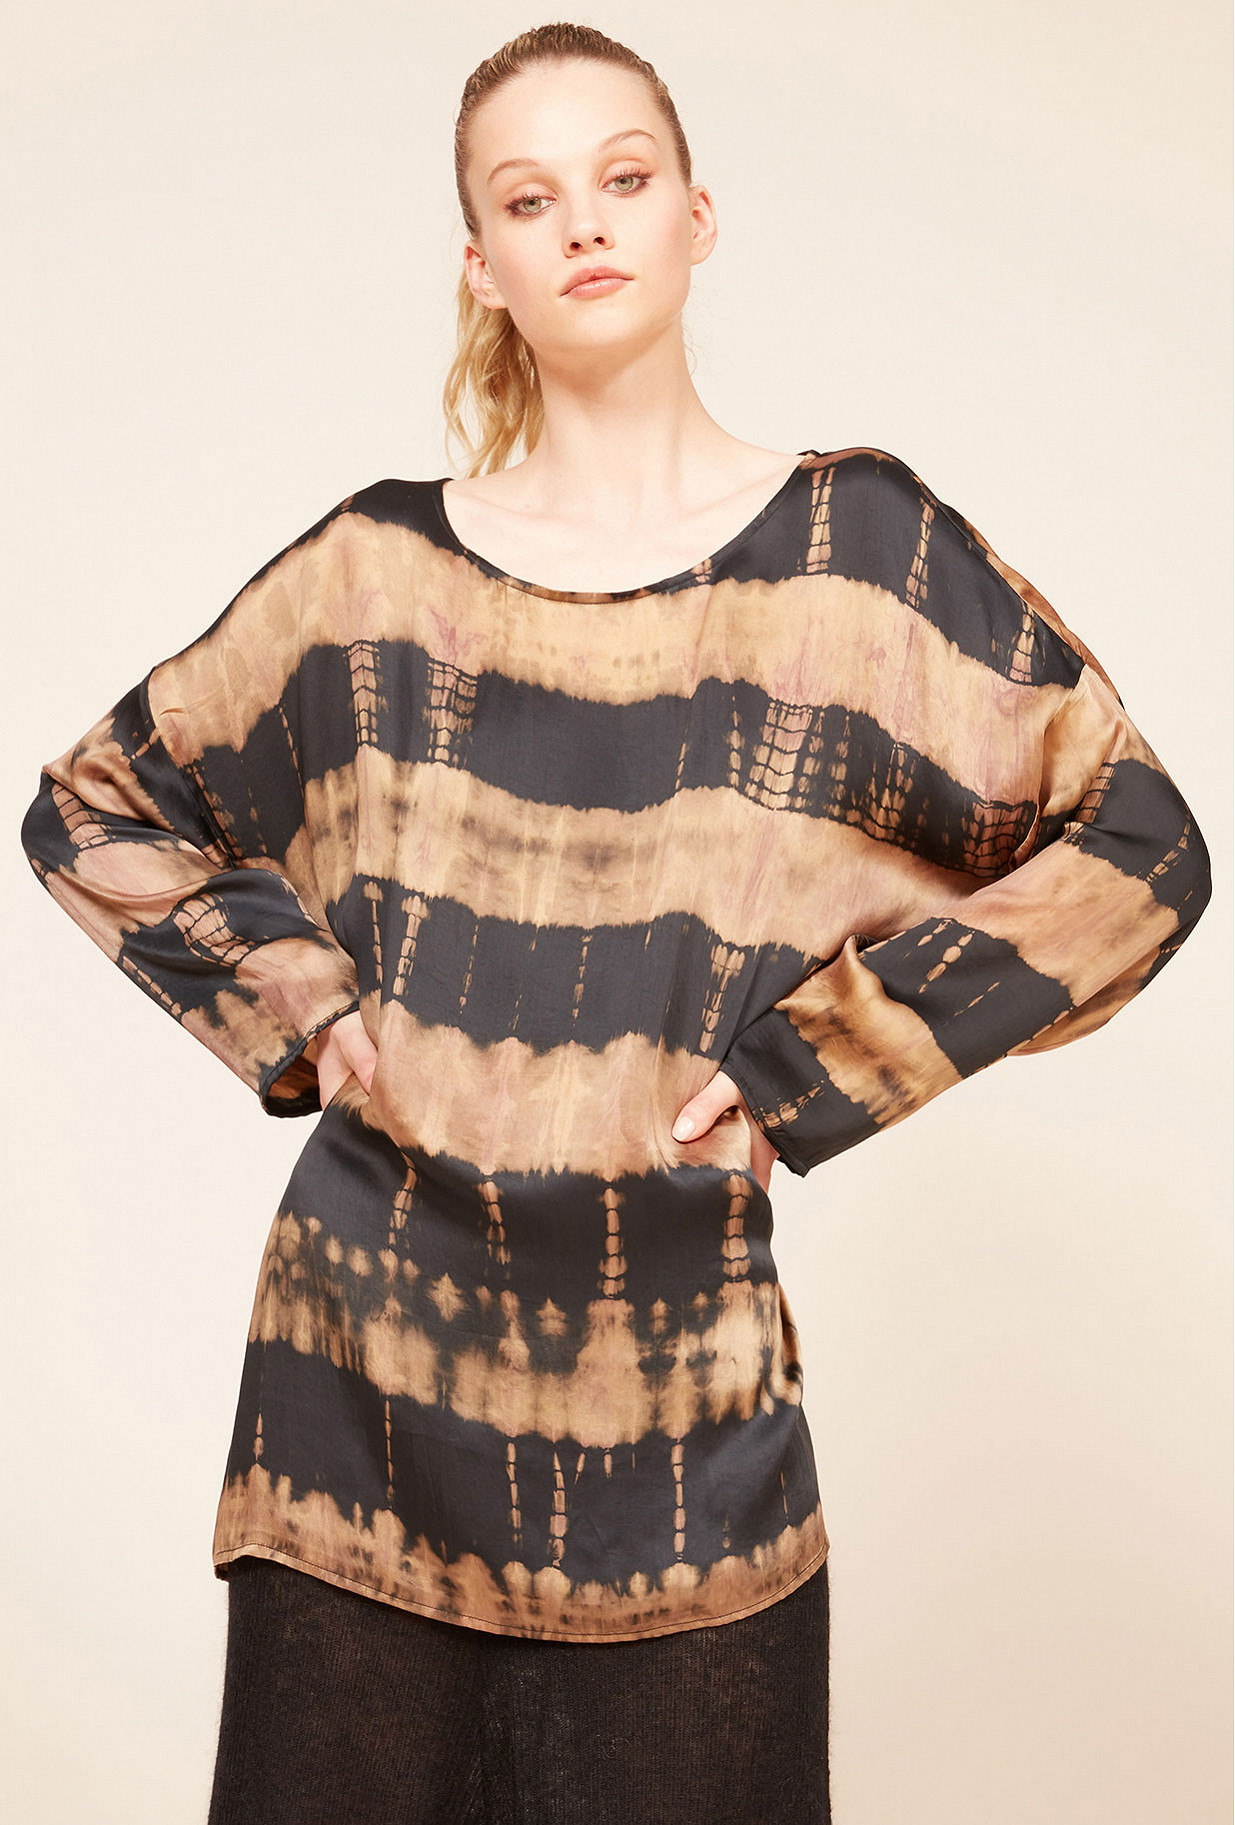 Paris boutique de mode vêtement Top créateur bohème  Drake